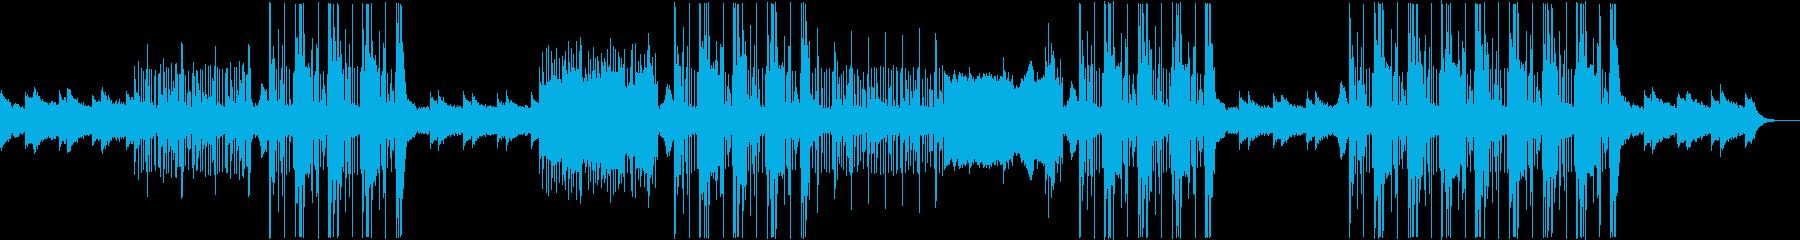 メロディックなトラップ系ビートの再生済みの波形